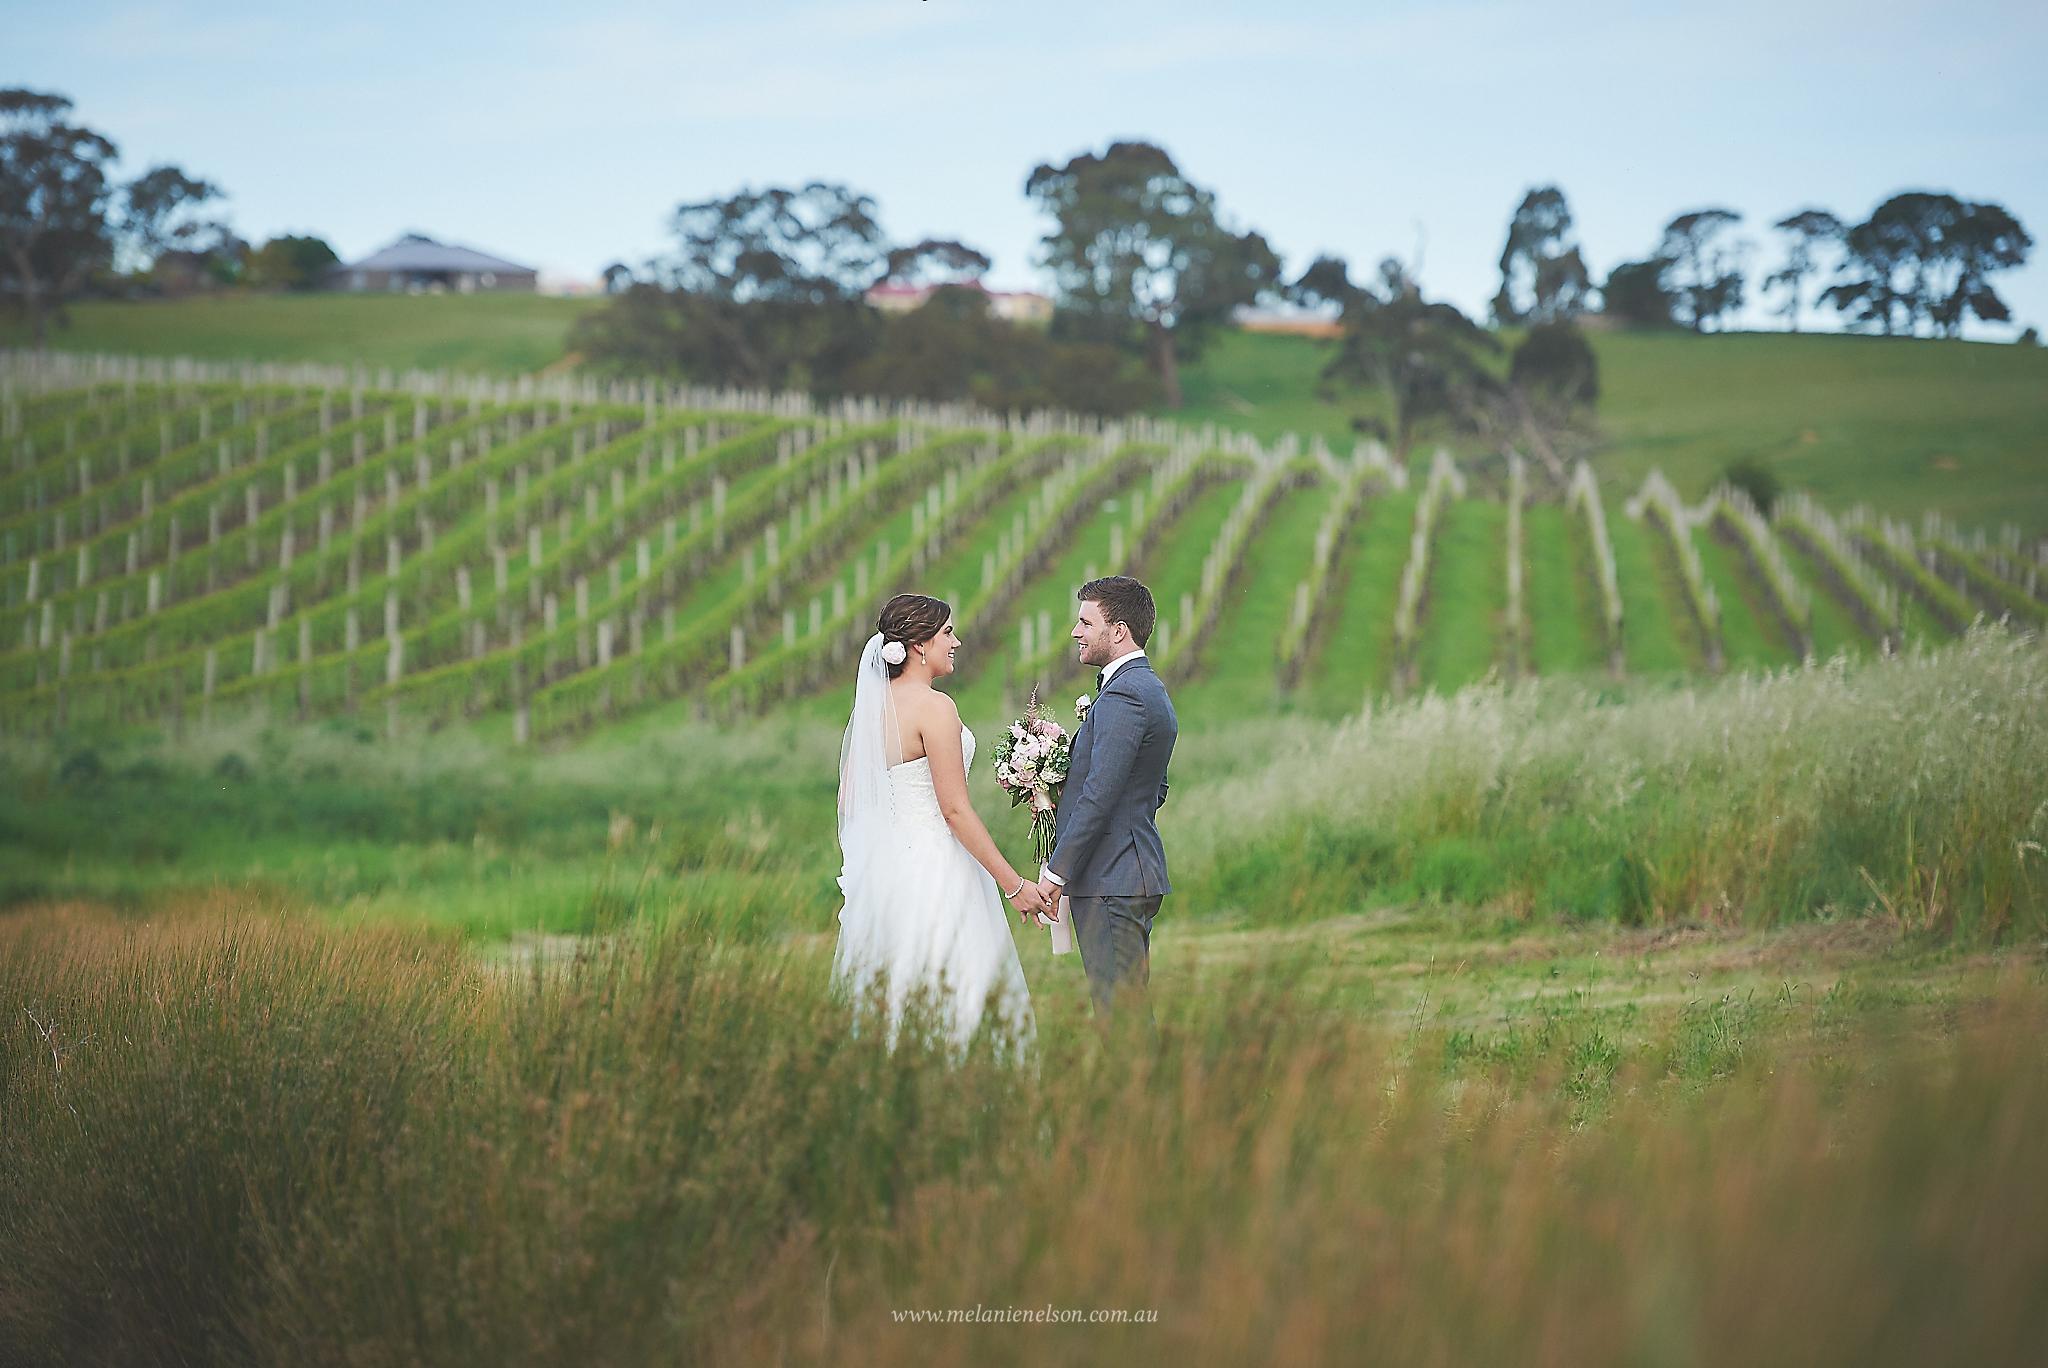 howards_vineyard_wedding_0020.jpg